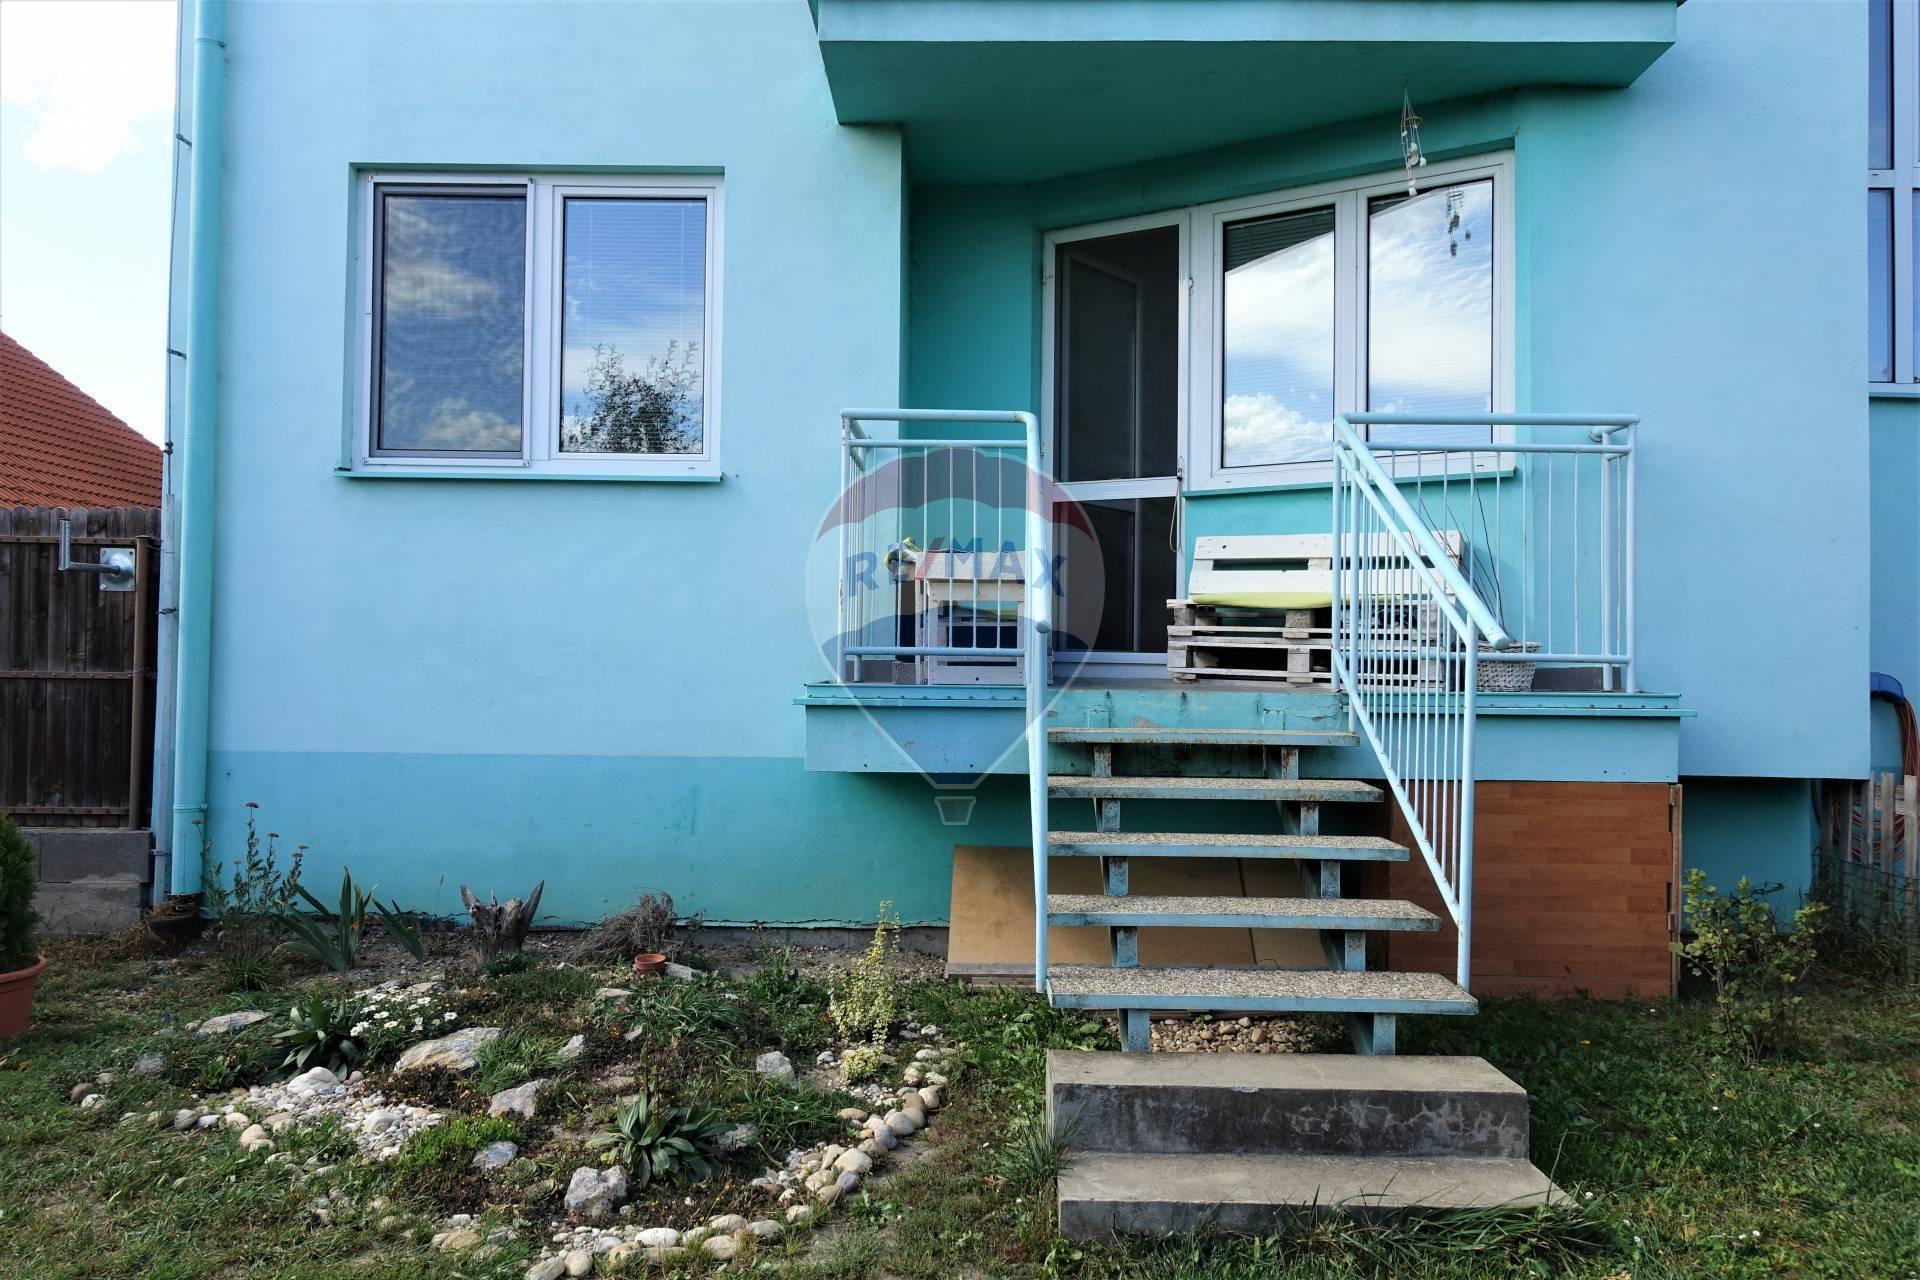 Prenájom 3 izb. bytu s predzáhradkou 169 m2, ul. J. Murgaša